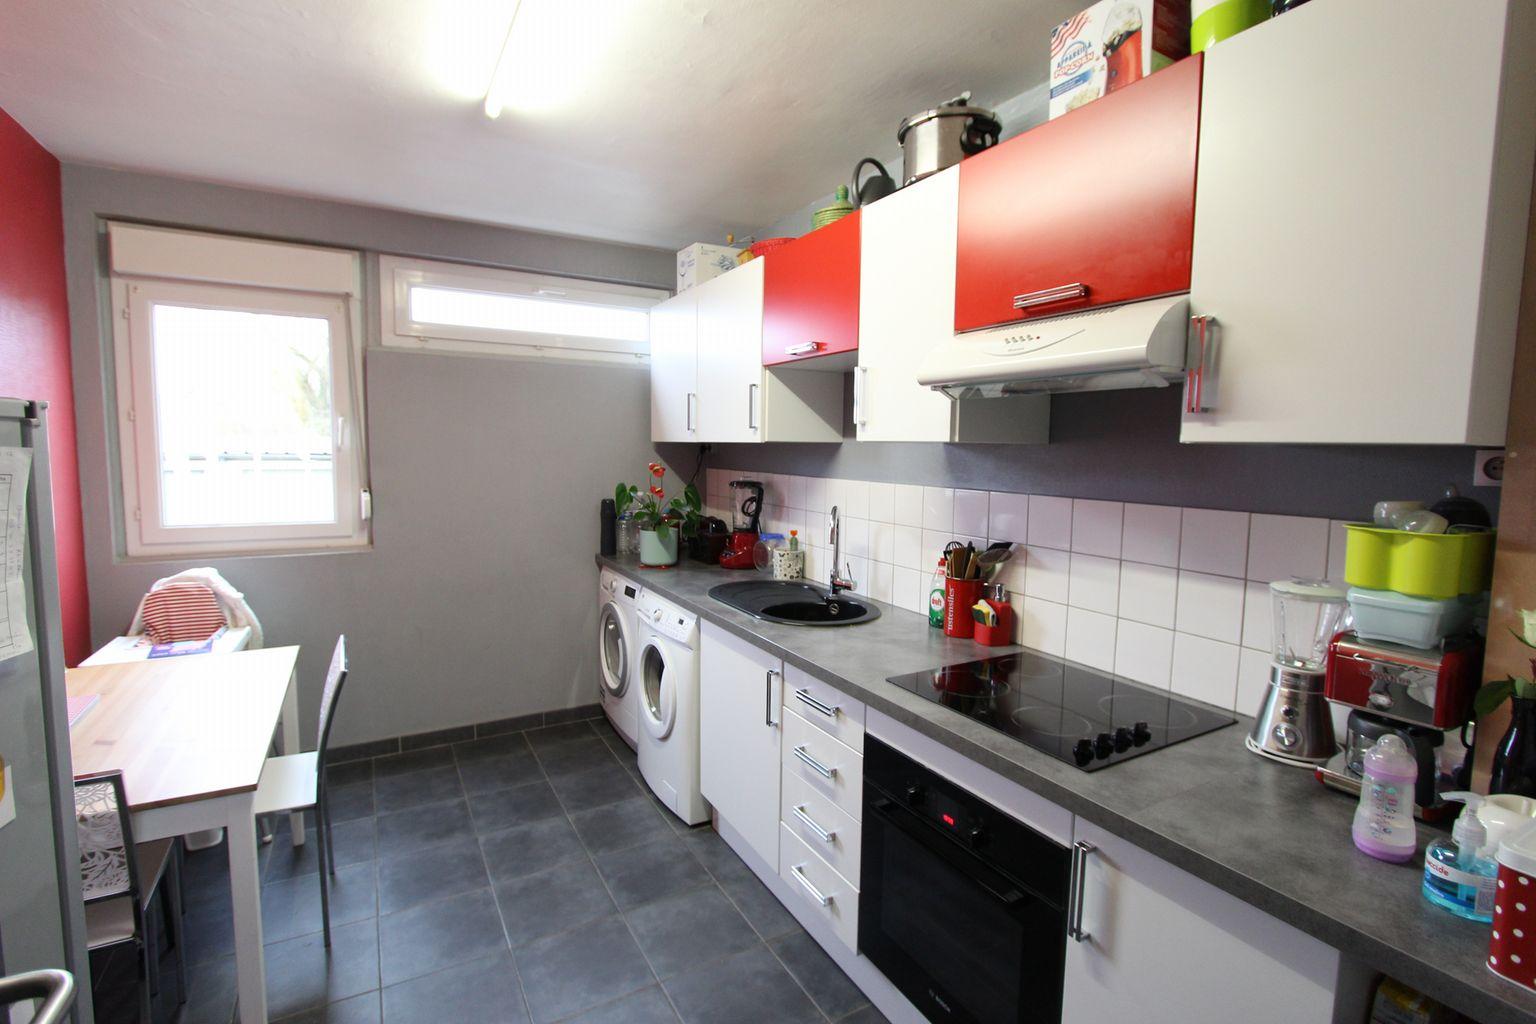 Ventes appartement appartement vendre villeneuve d 39 ascq for Cuisine villeneuve d ascq